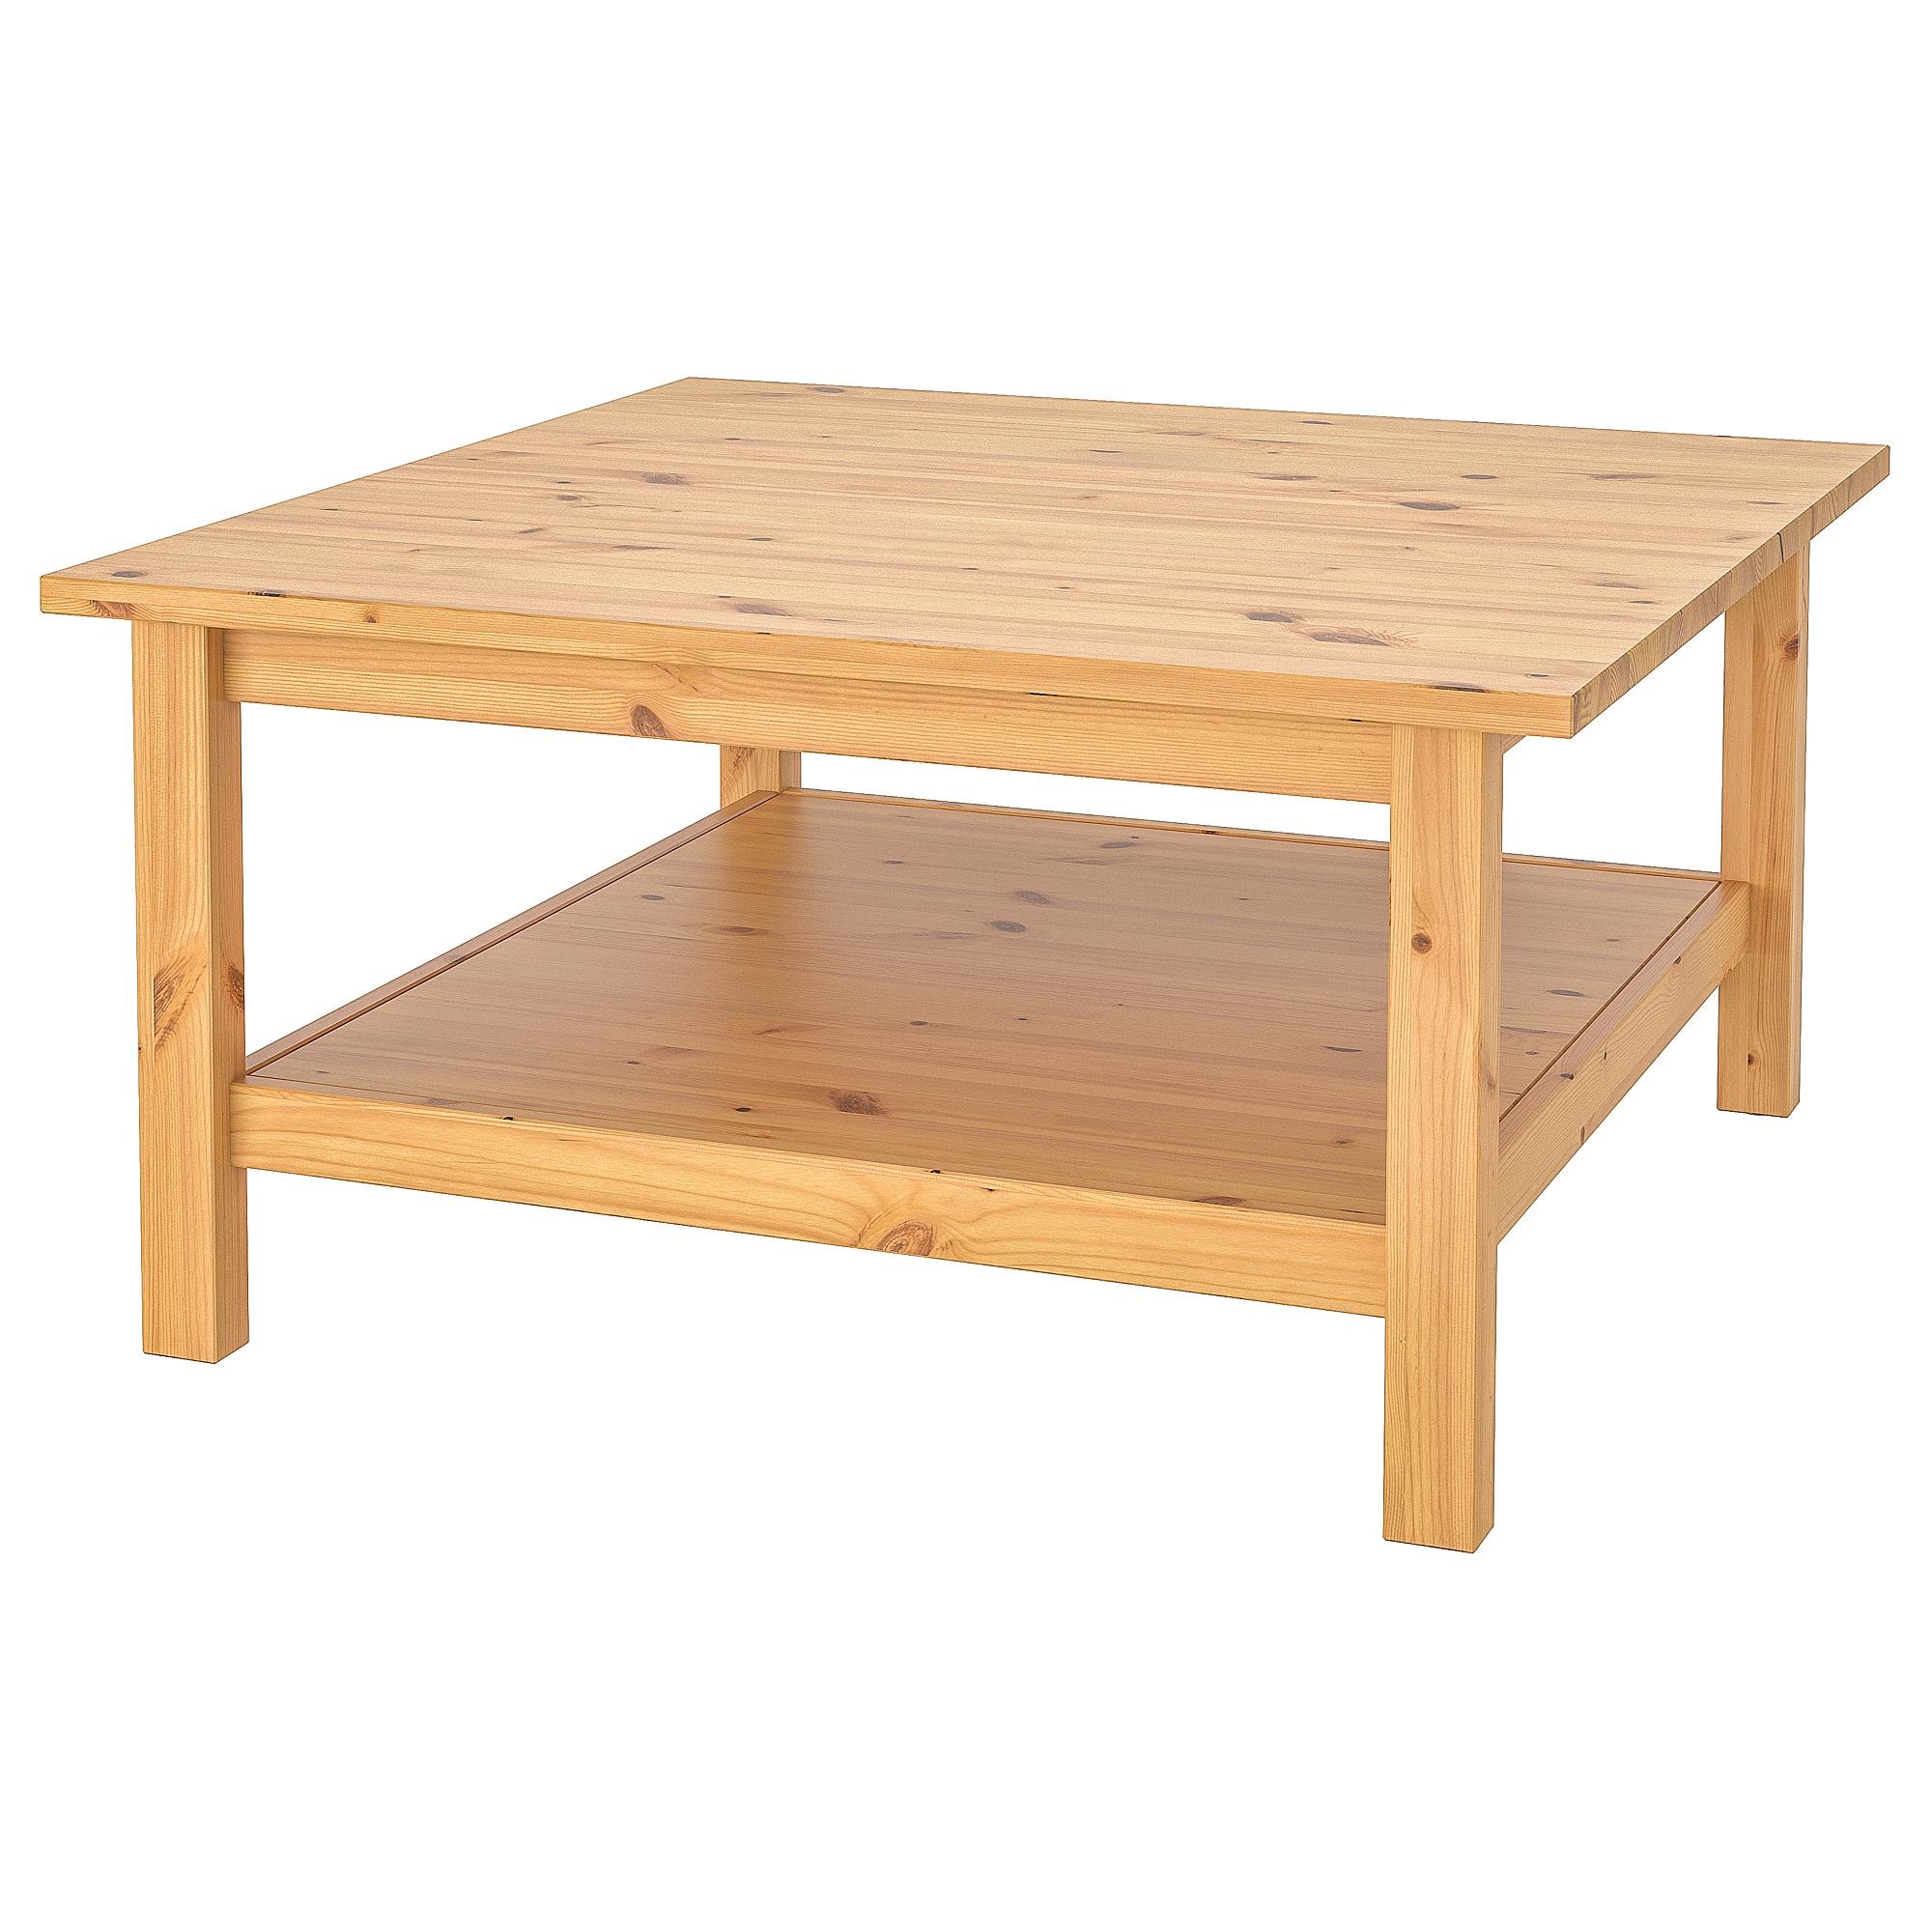 Full Size of Rattan Beistelltisch Ikea Couchtisch 90x50 Tisch Ibiza 180x100cm Mit Glasplatte Küche Kaufen Betten Bei Sofa Schlaffunktion Modulküche 160x200 Polyrattan Wohnzimmer Rattan Beistelltisch Ikea